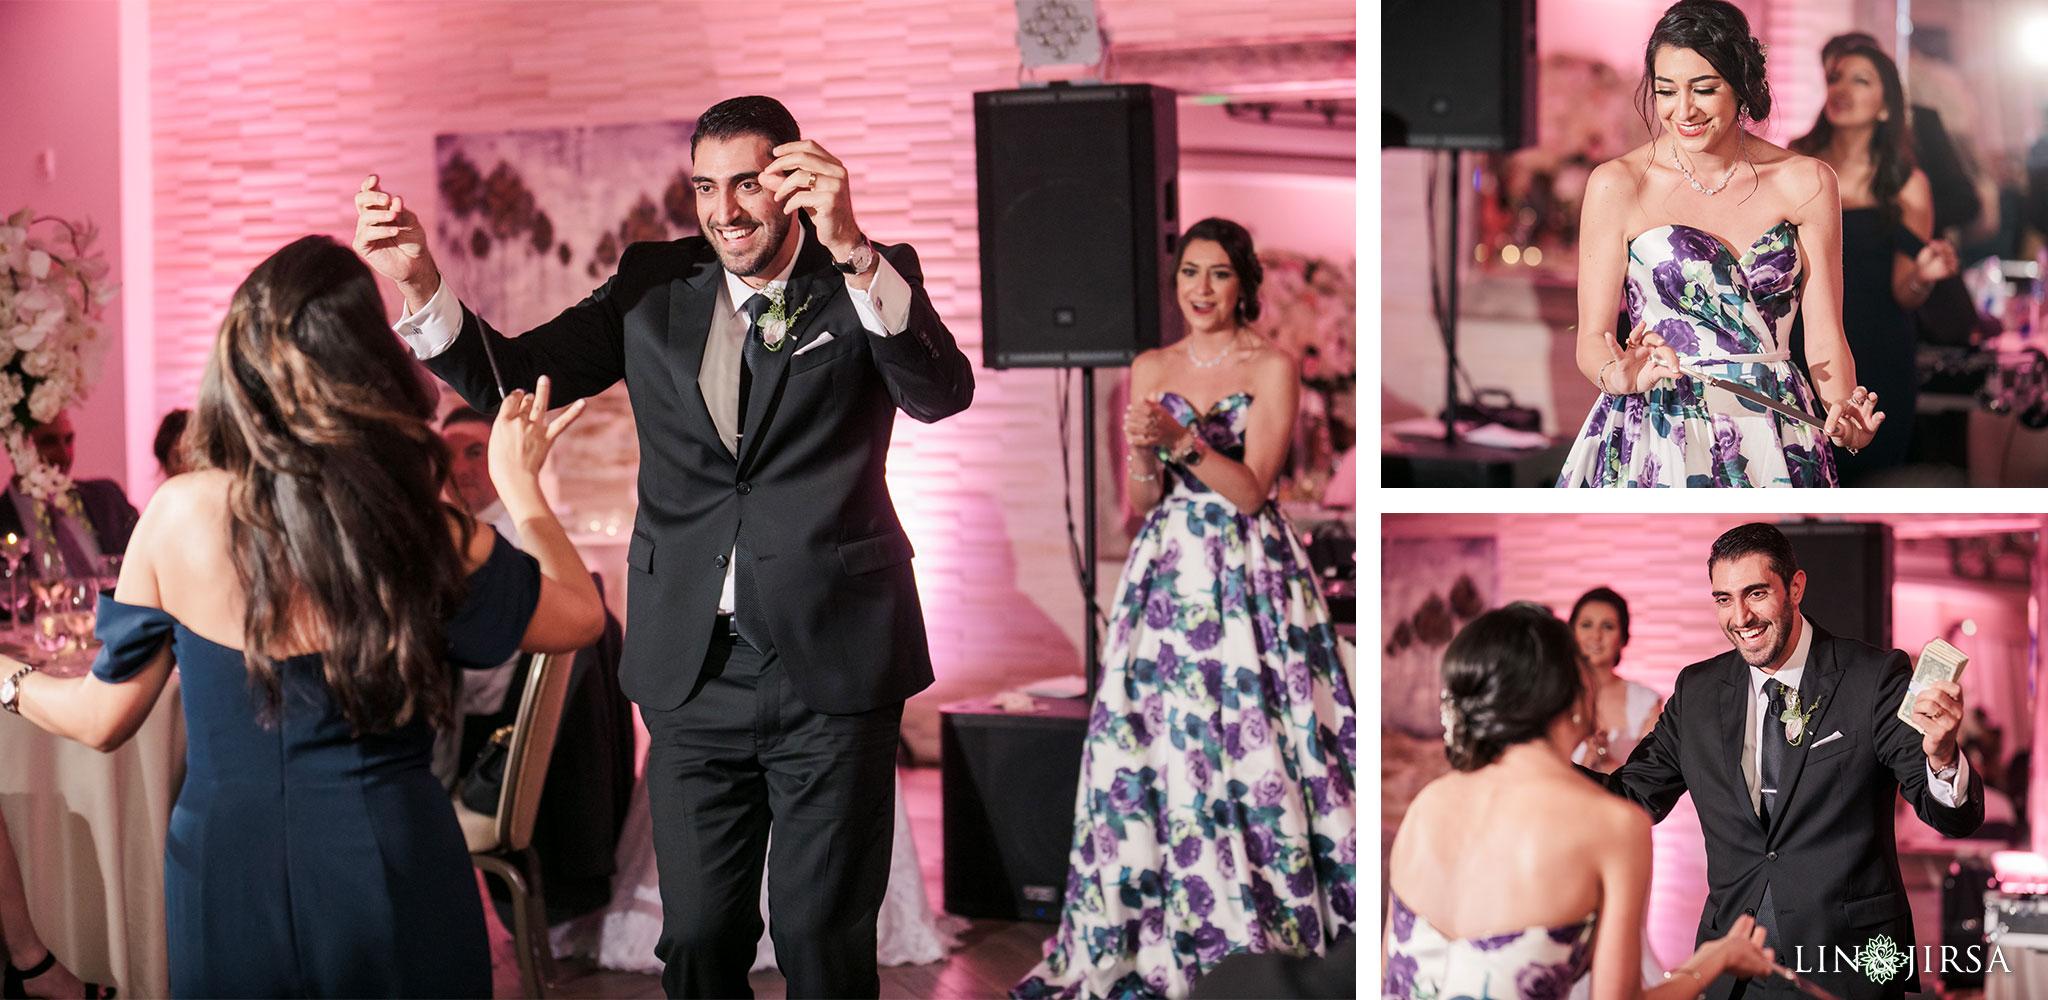 050 estancia la jolla hotel spa persian wedding reception photography